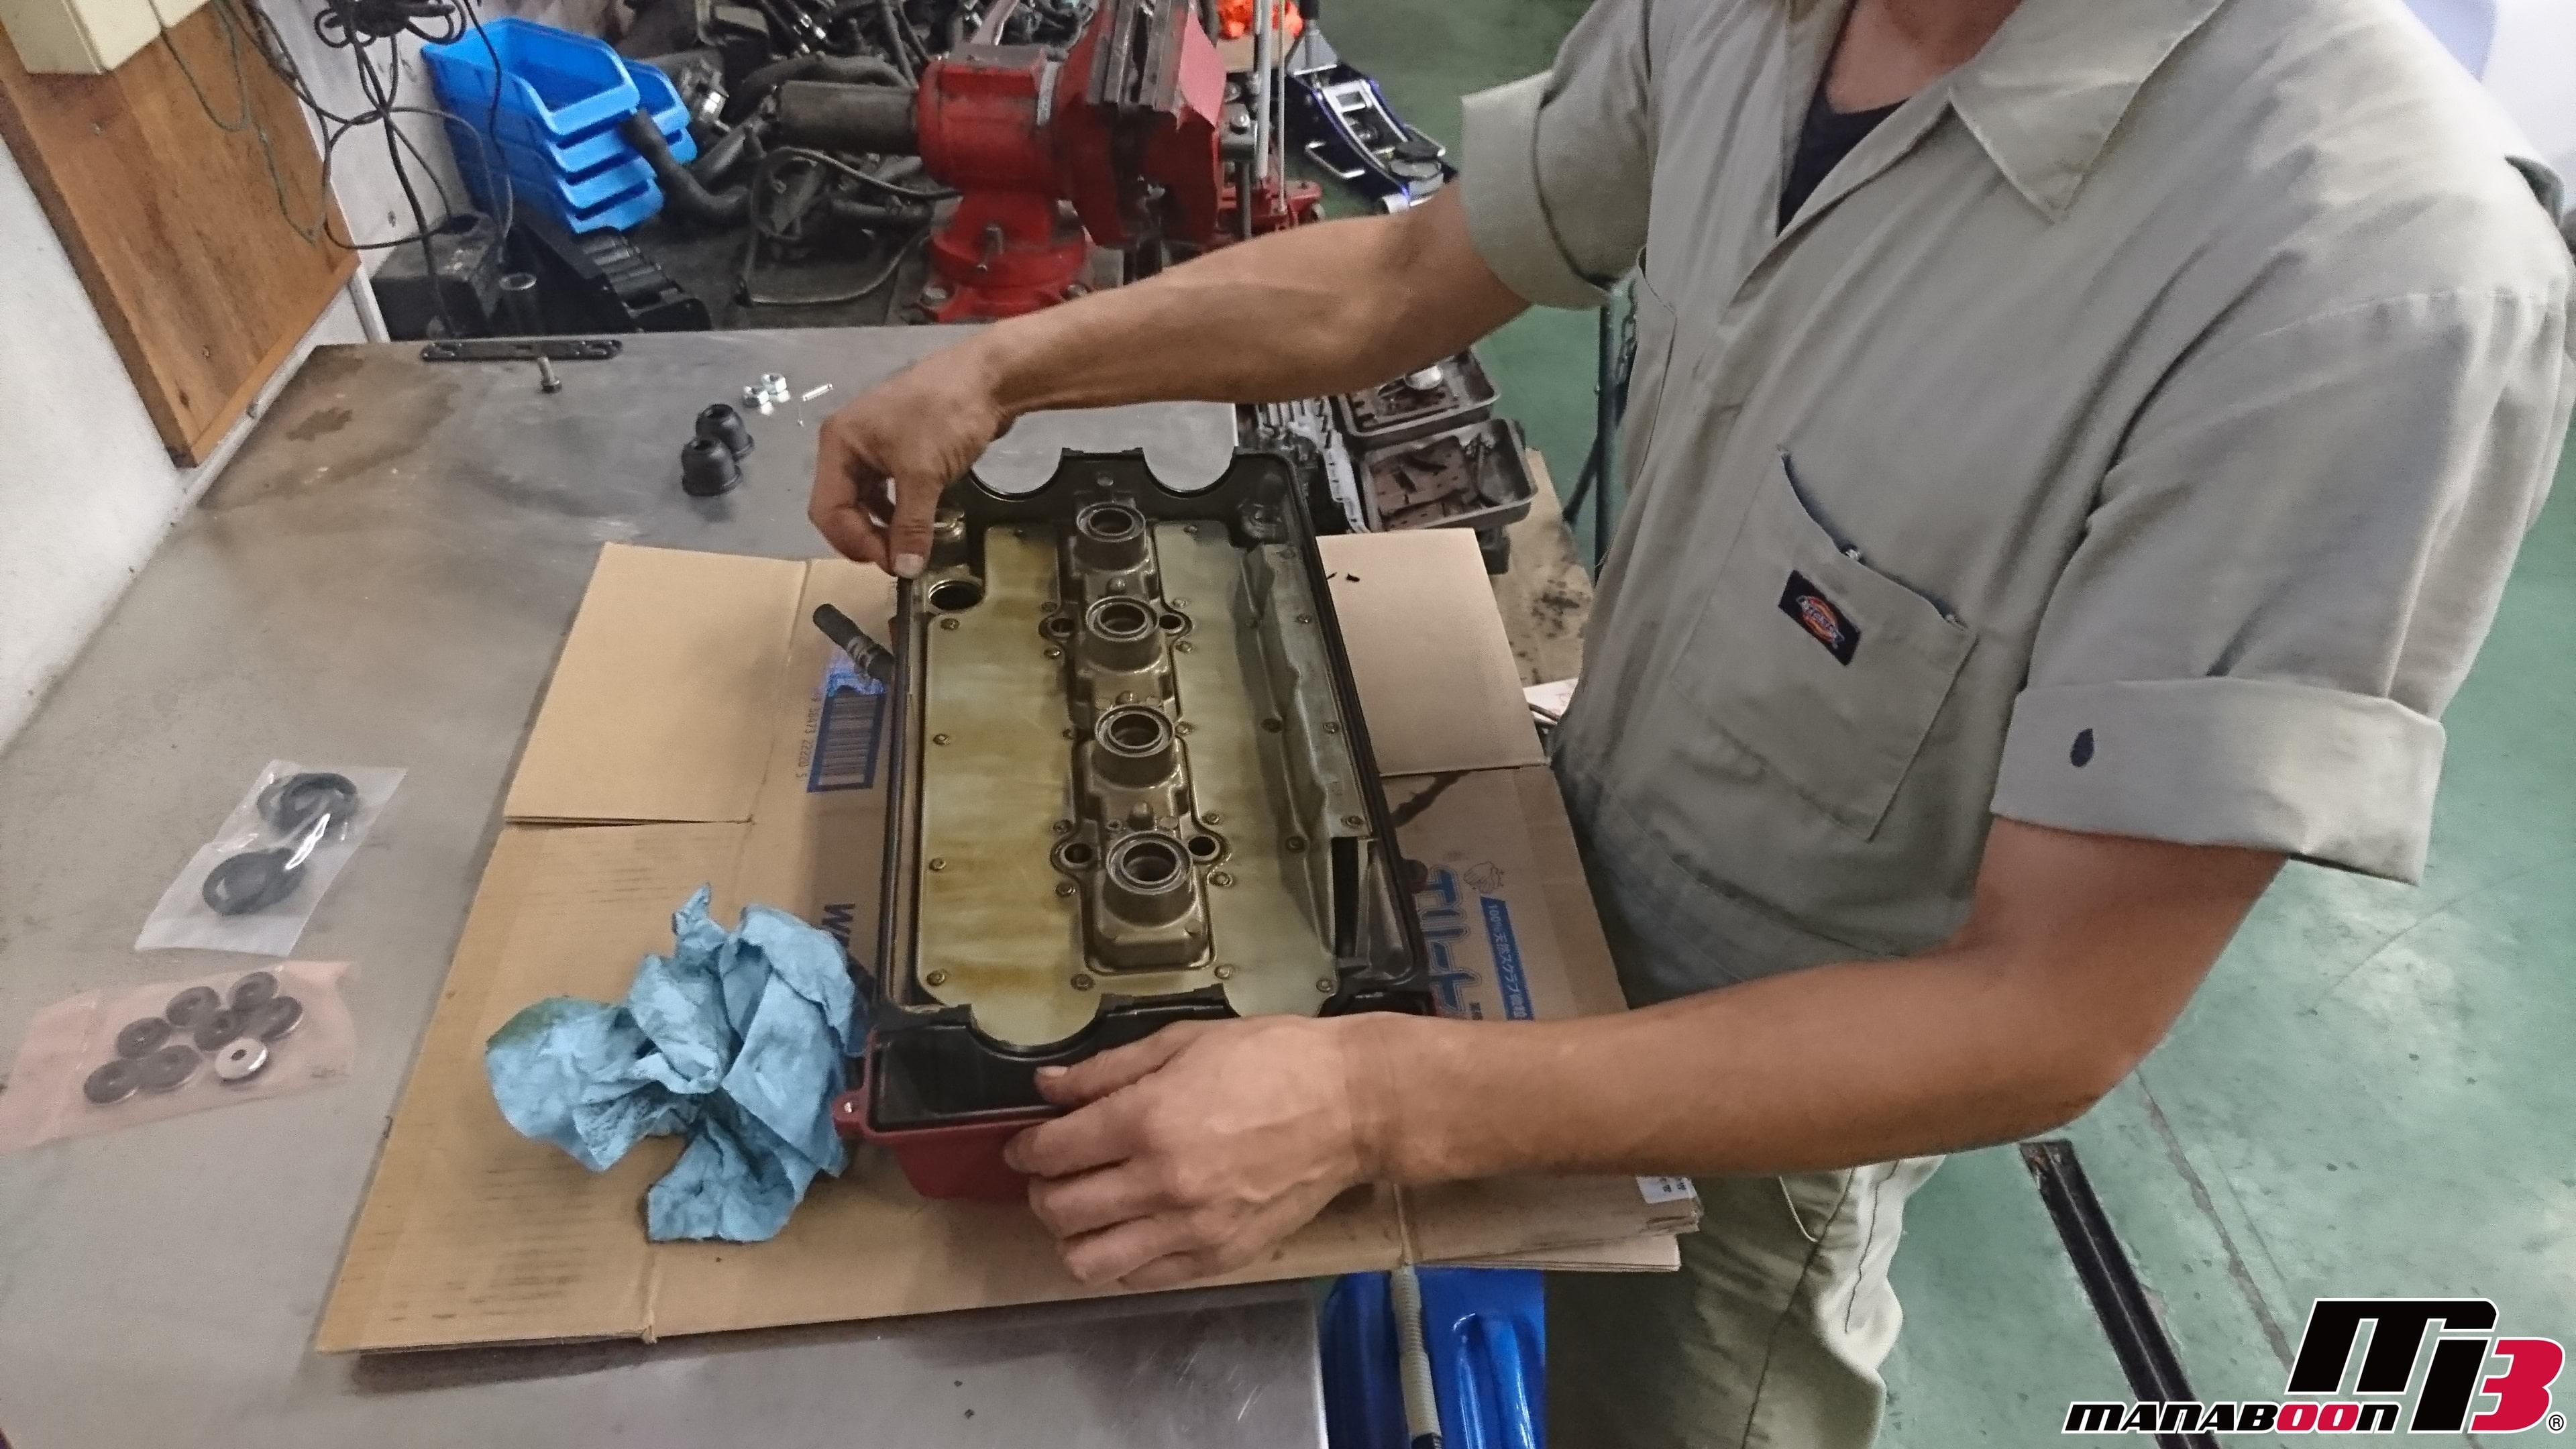 シビック(EK9)ヘッドカバーパッキン交換画像